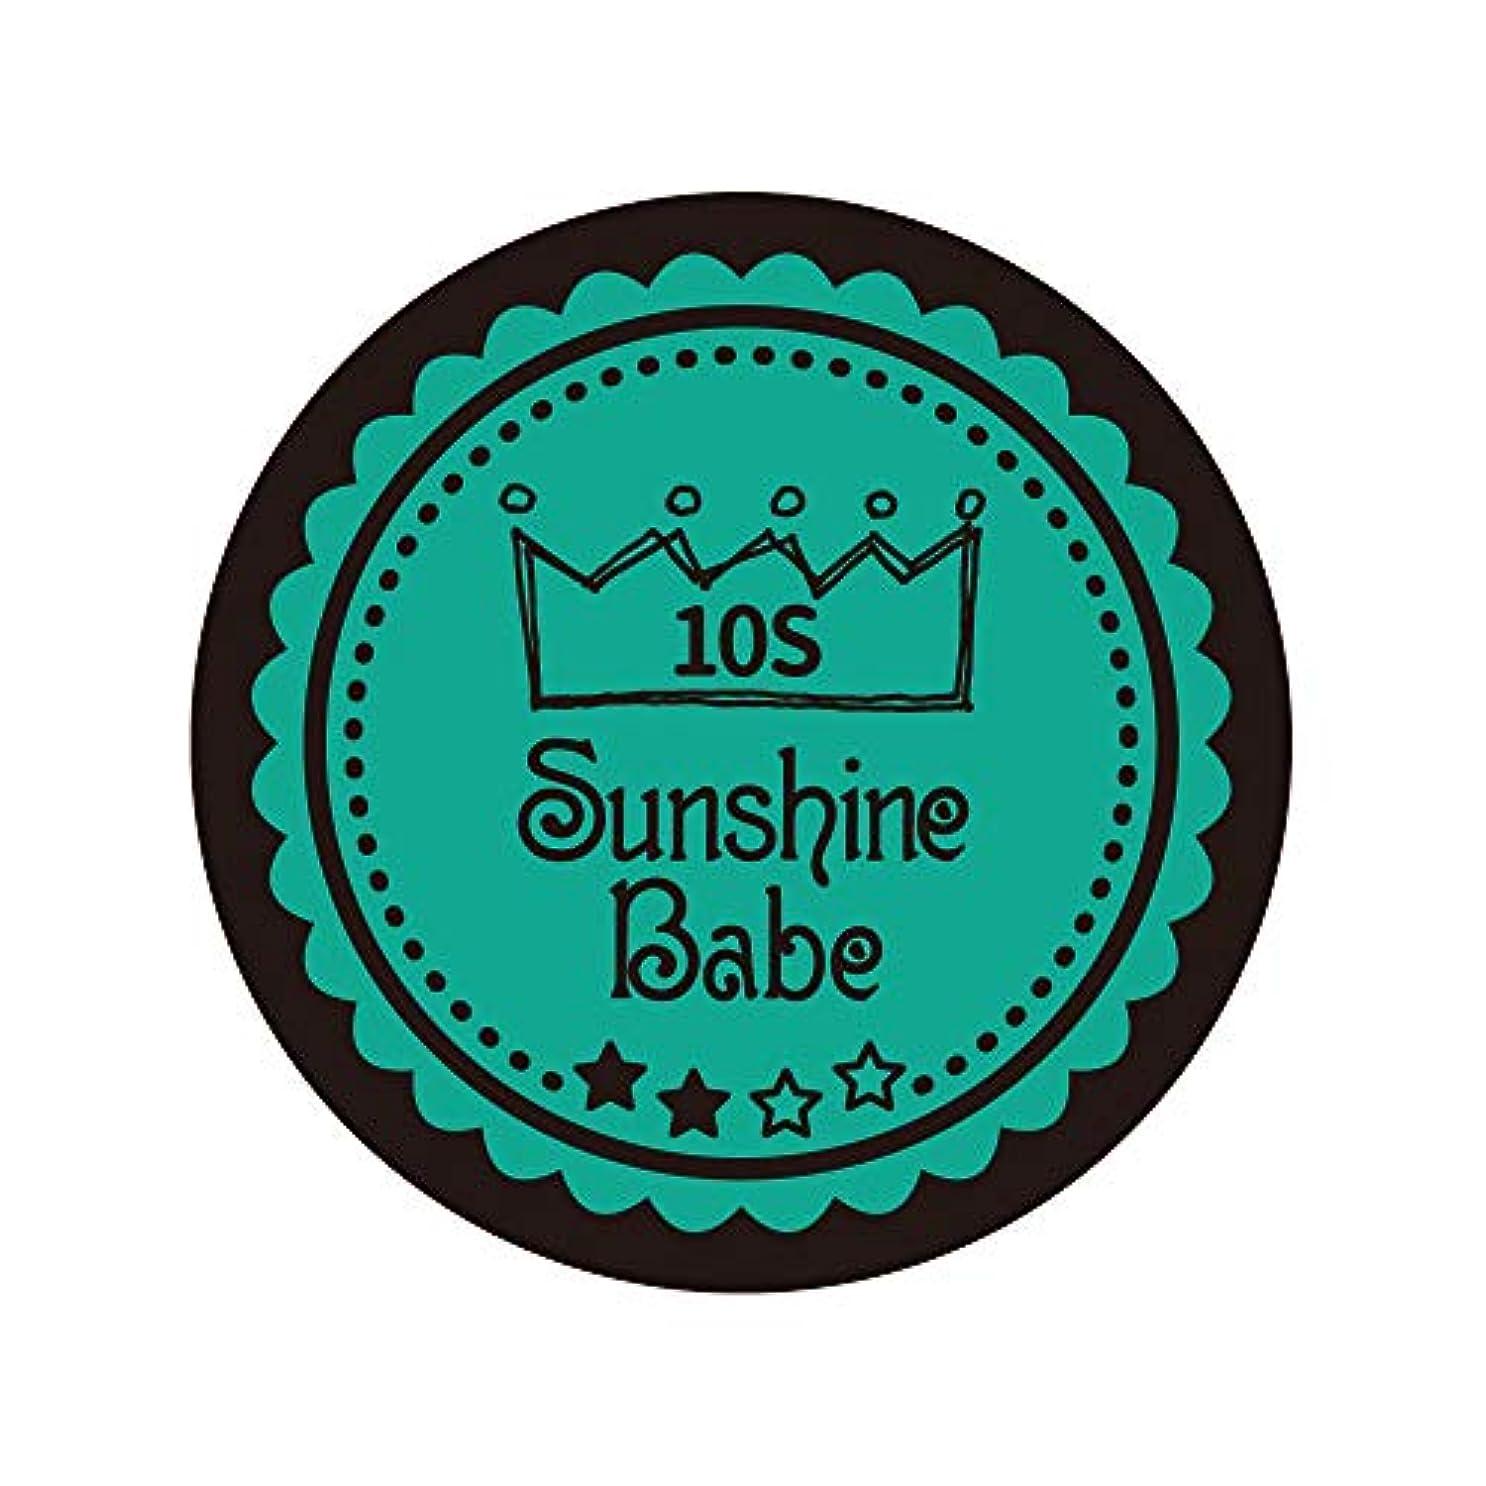 急性残基騒ぎSunshine Babe カラージェル 10S アルカディア 2.7g UV/LED対応